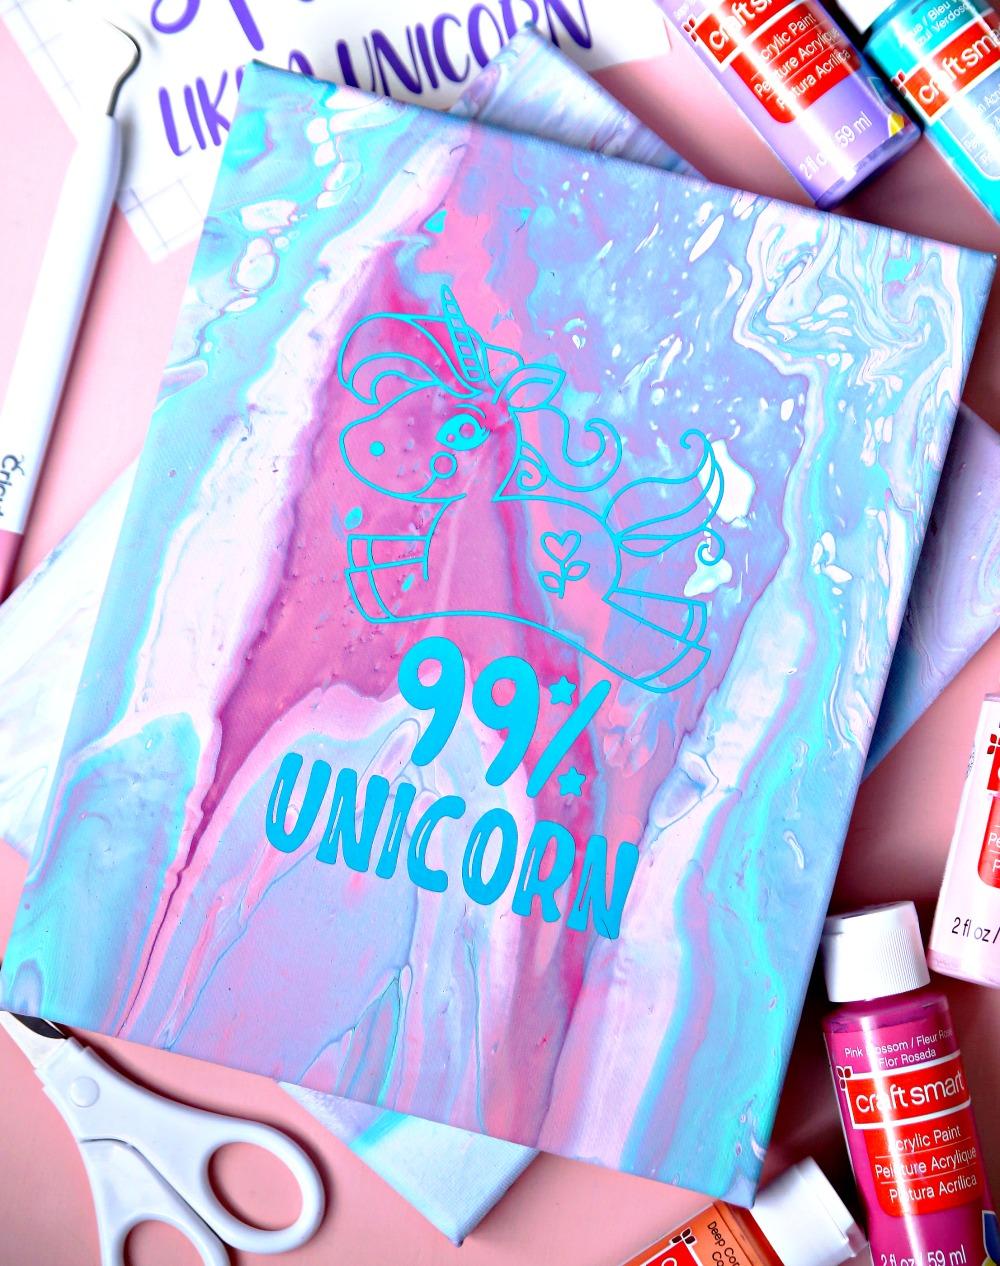 Poured Canvas with Unicorn Vinyl